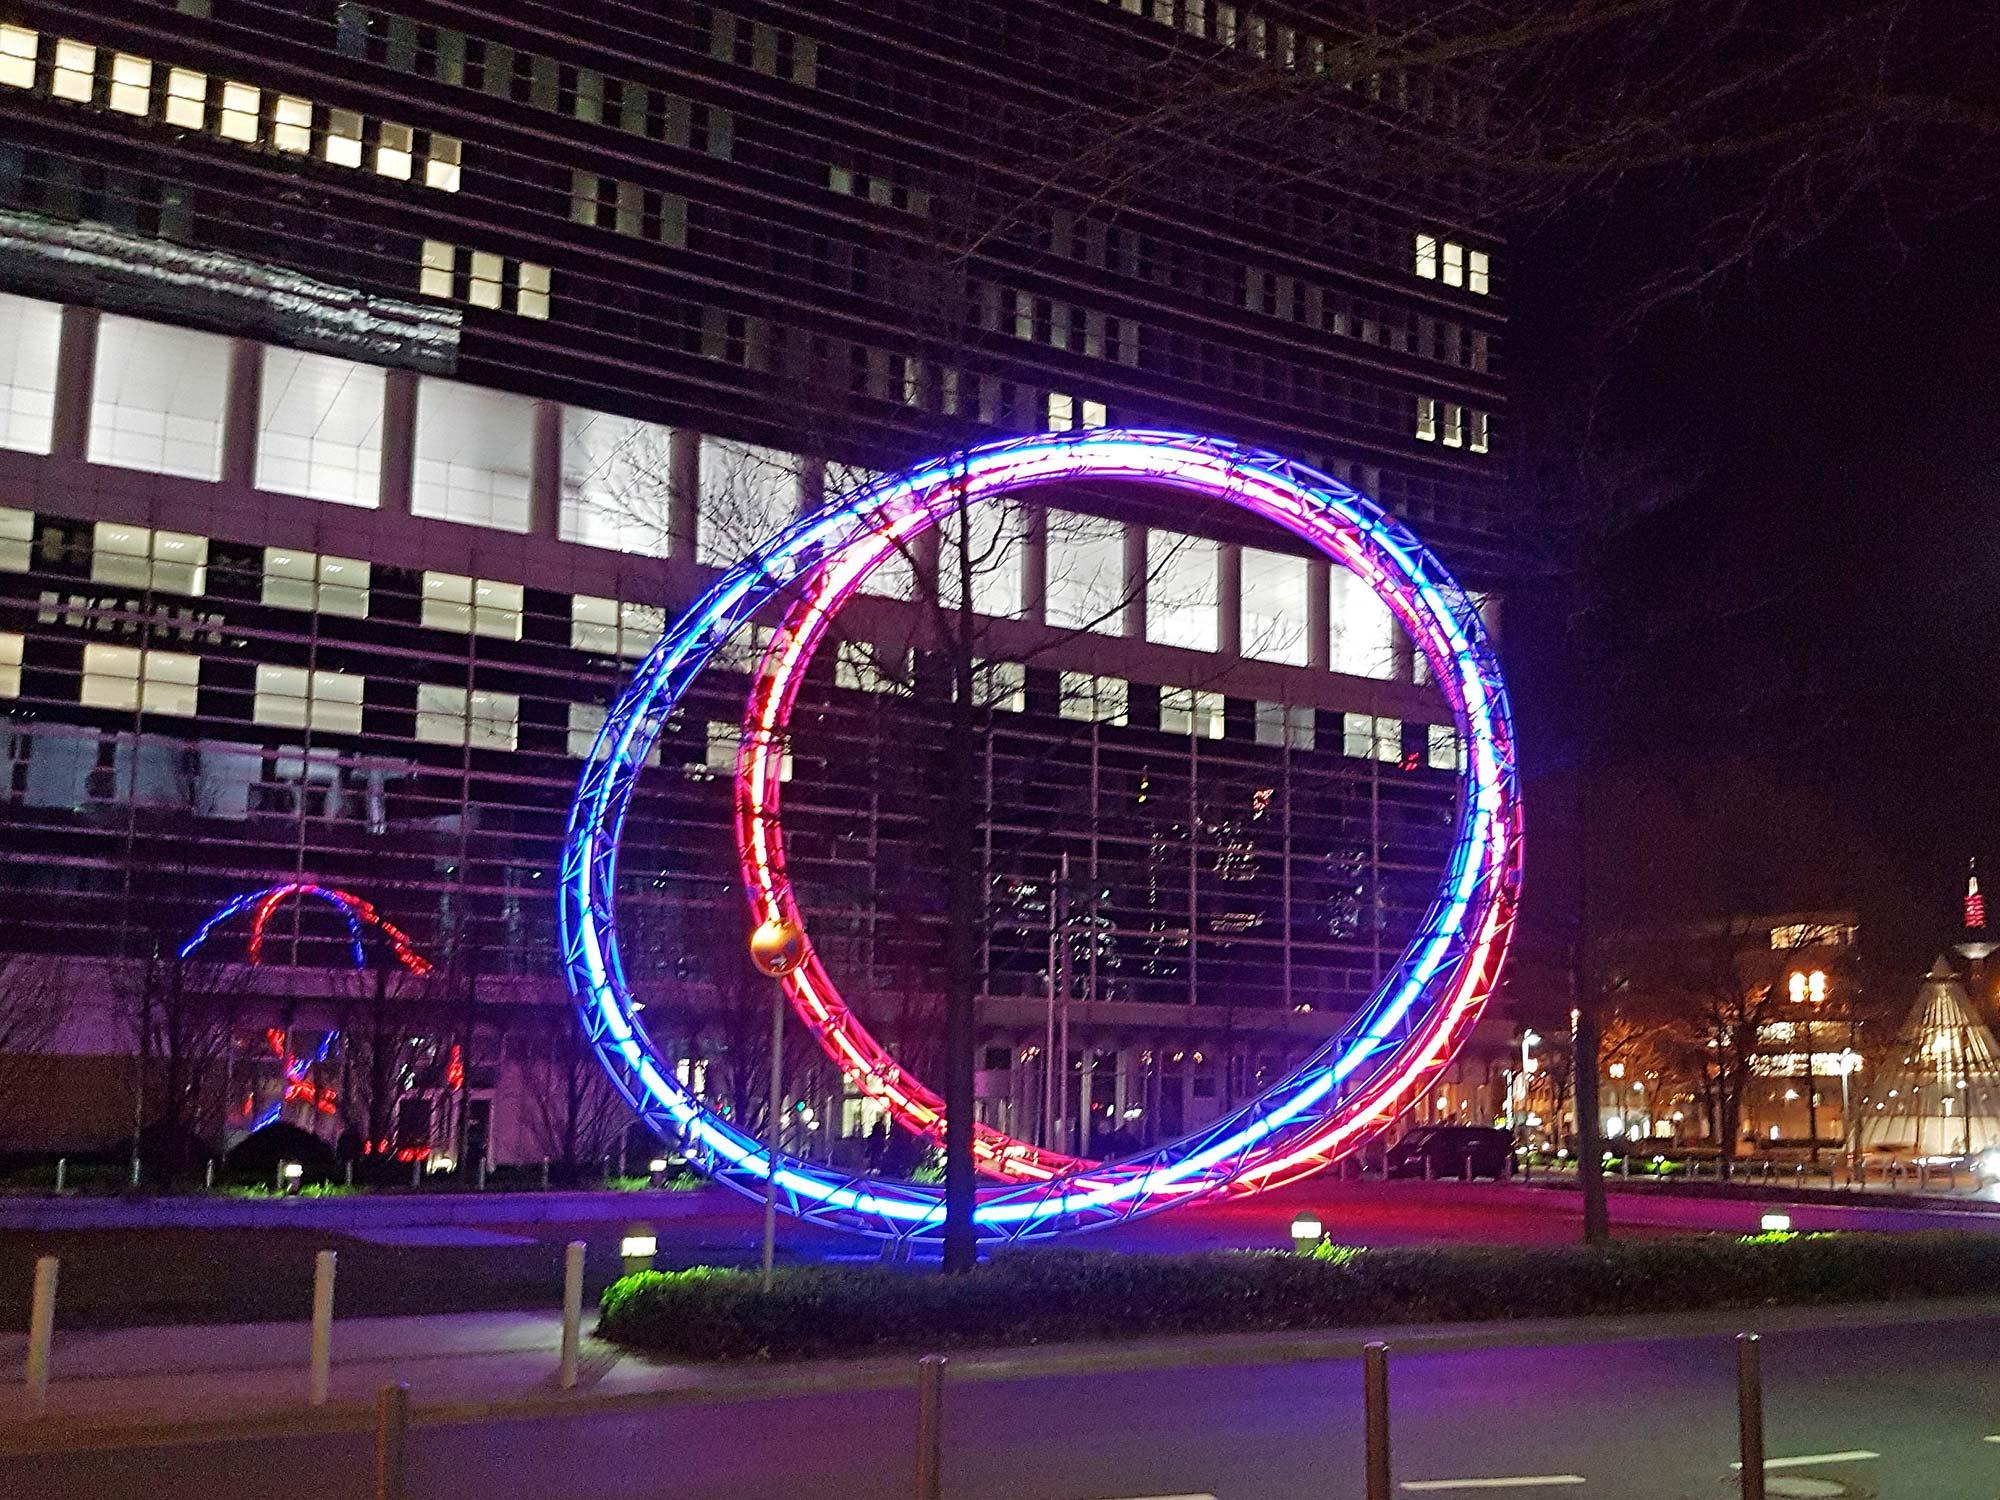 Synergie - Lichtskulptur auf dem Platz der Einheit zwischen den Türmen von Forum Frankfurt - Entworfen von Christian Herdeg